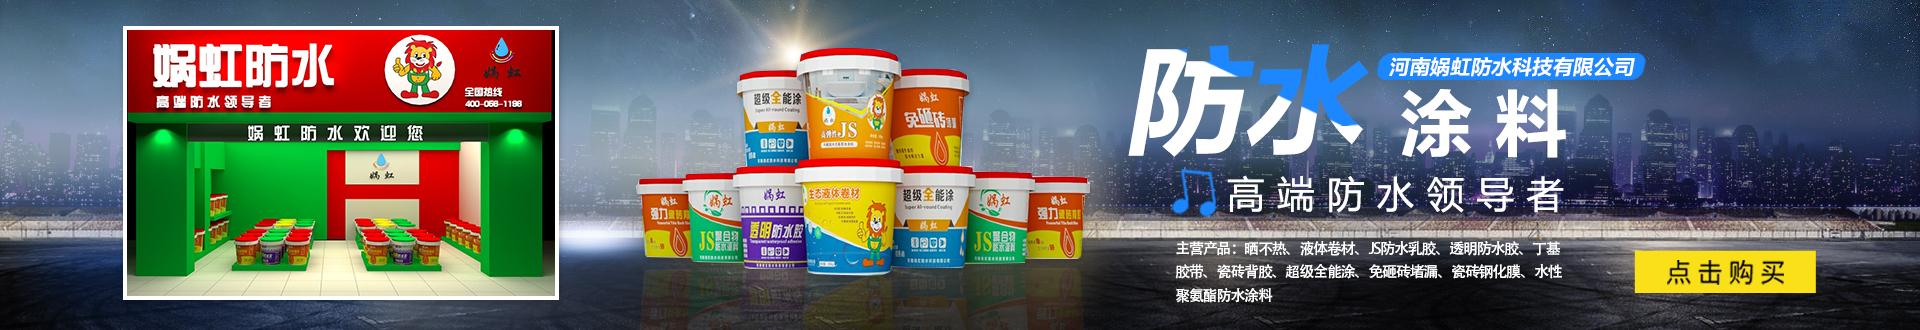 河南娲虹防水科技有限公司